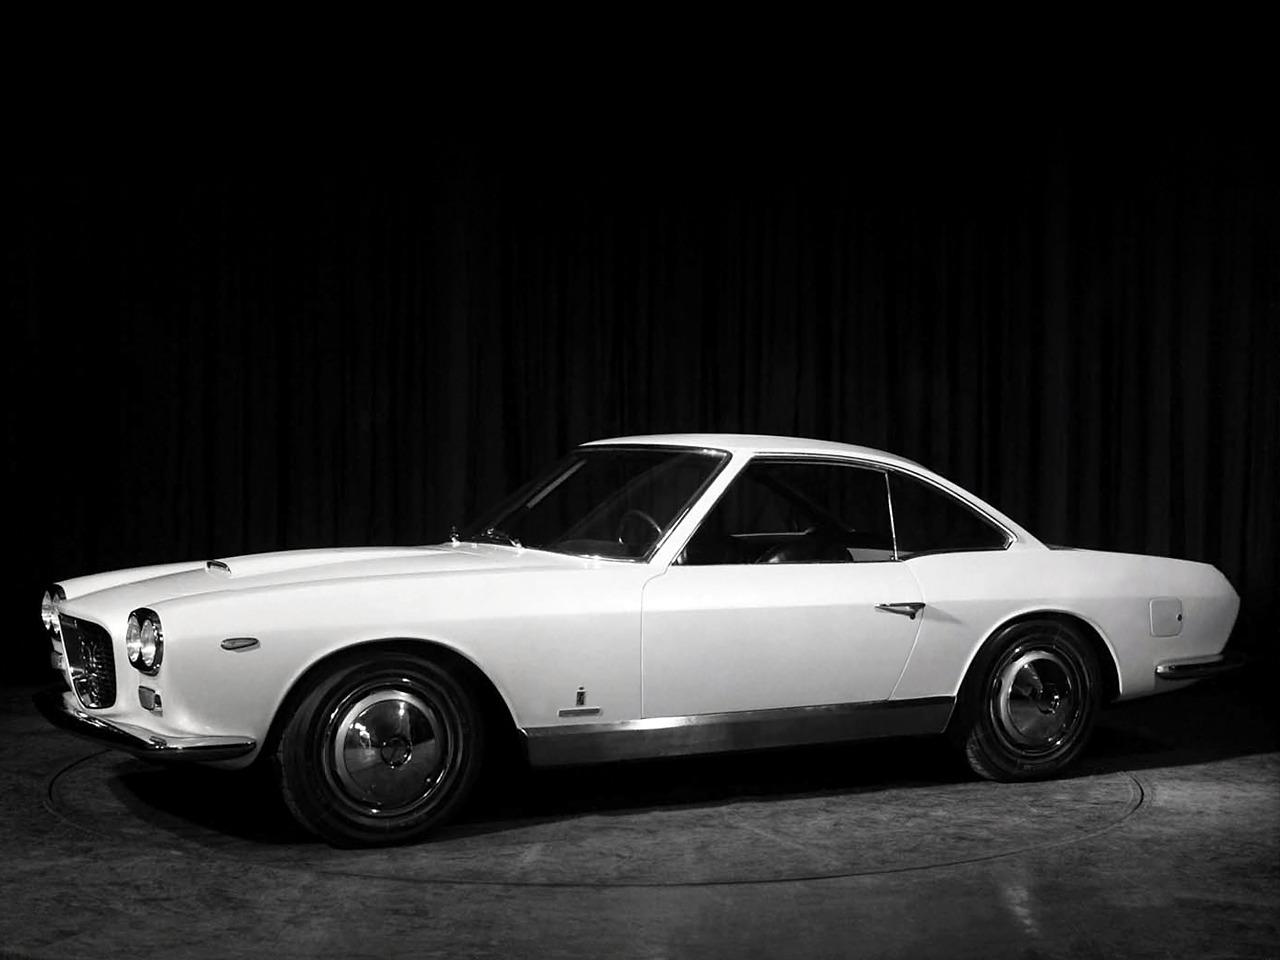 1963_Pininfarina_Lancia_Flaminia_2.8_Coupe_Speciale_05